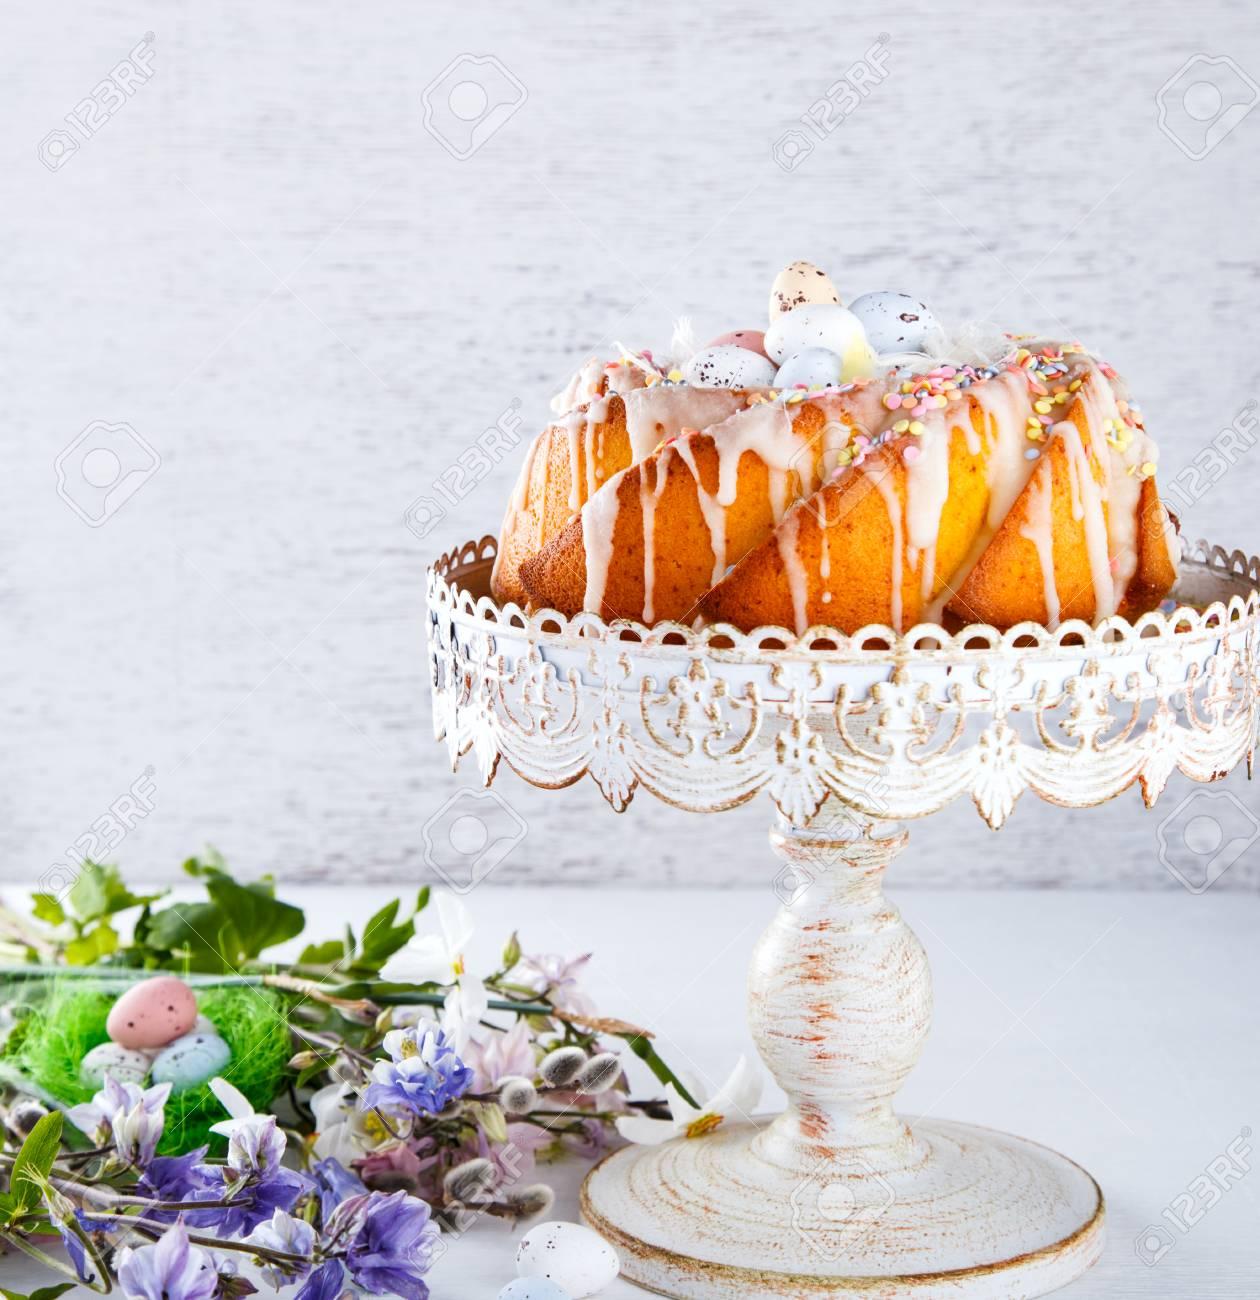 Kuchen Dekoration Farbige Glasur Ostern Feiertag Bildend Selektiver